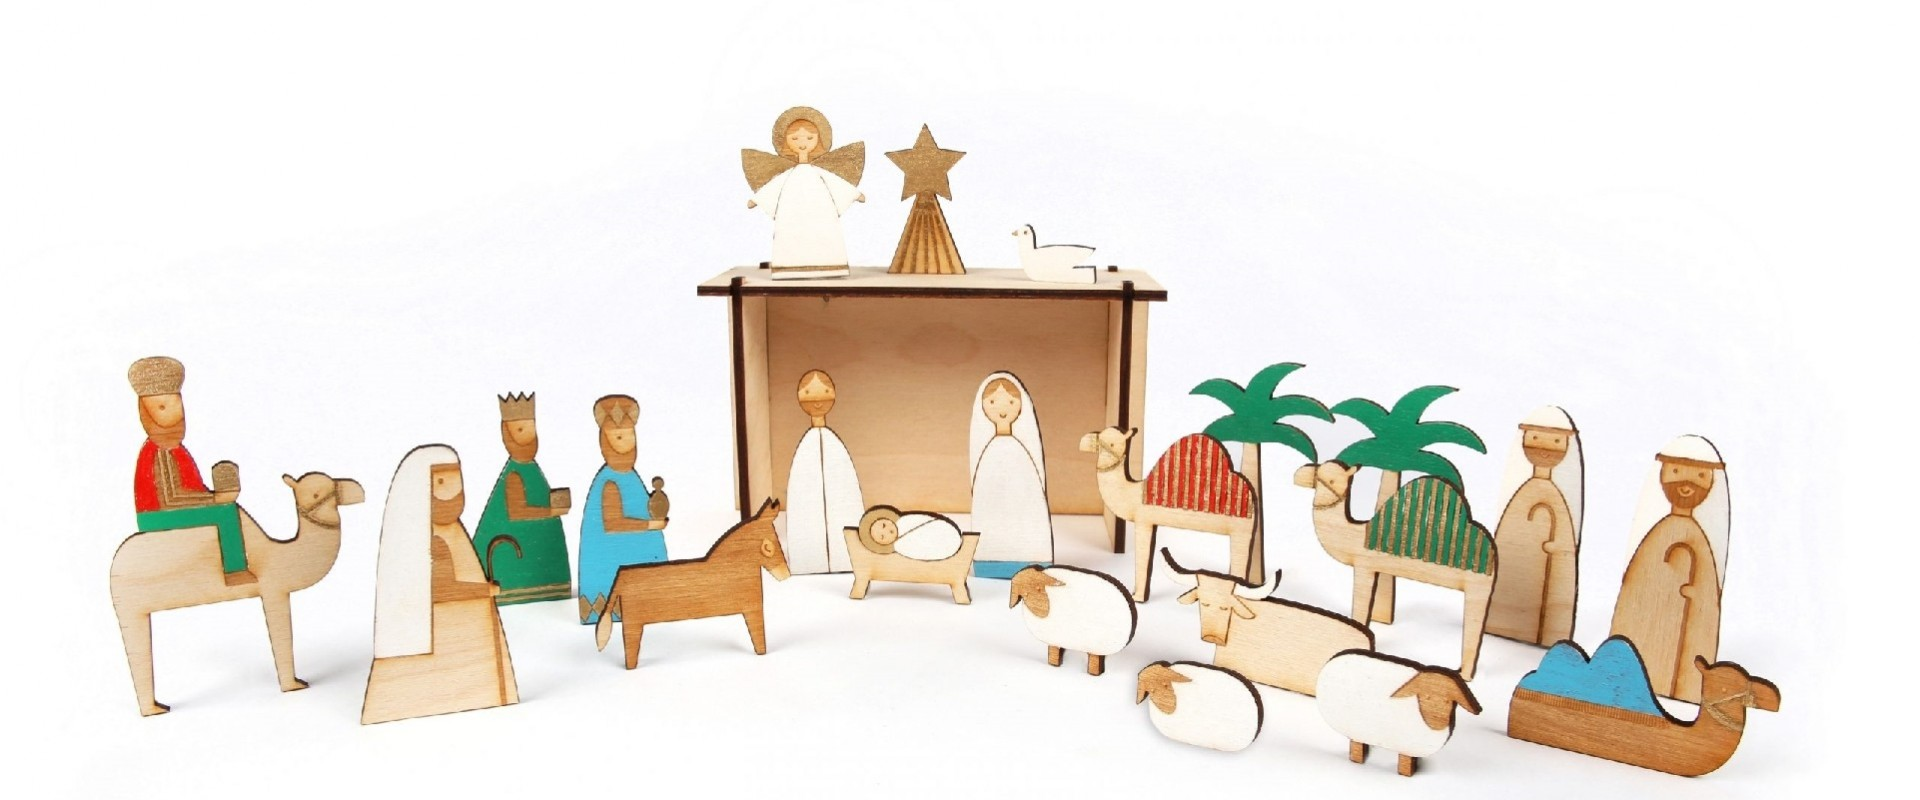 Los adornos y juguetes más bonitos de Navidad